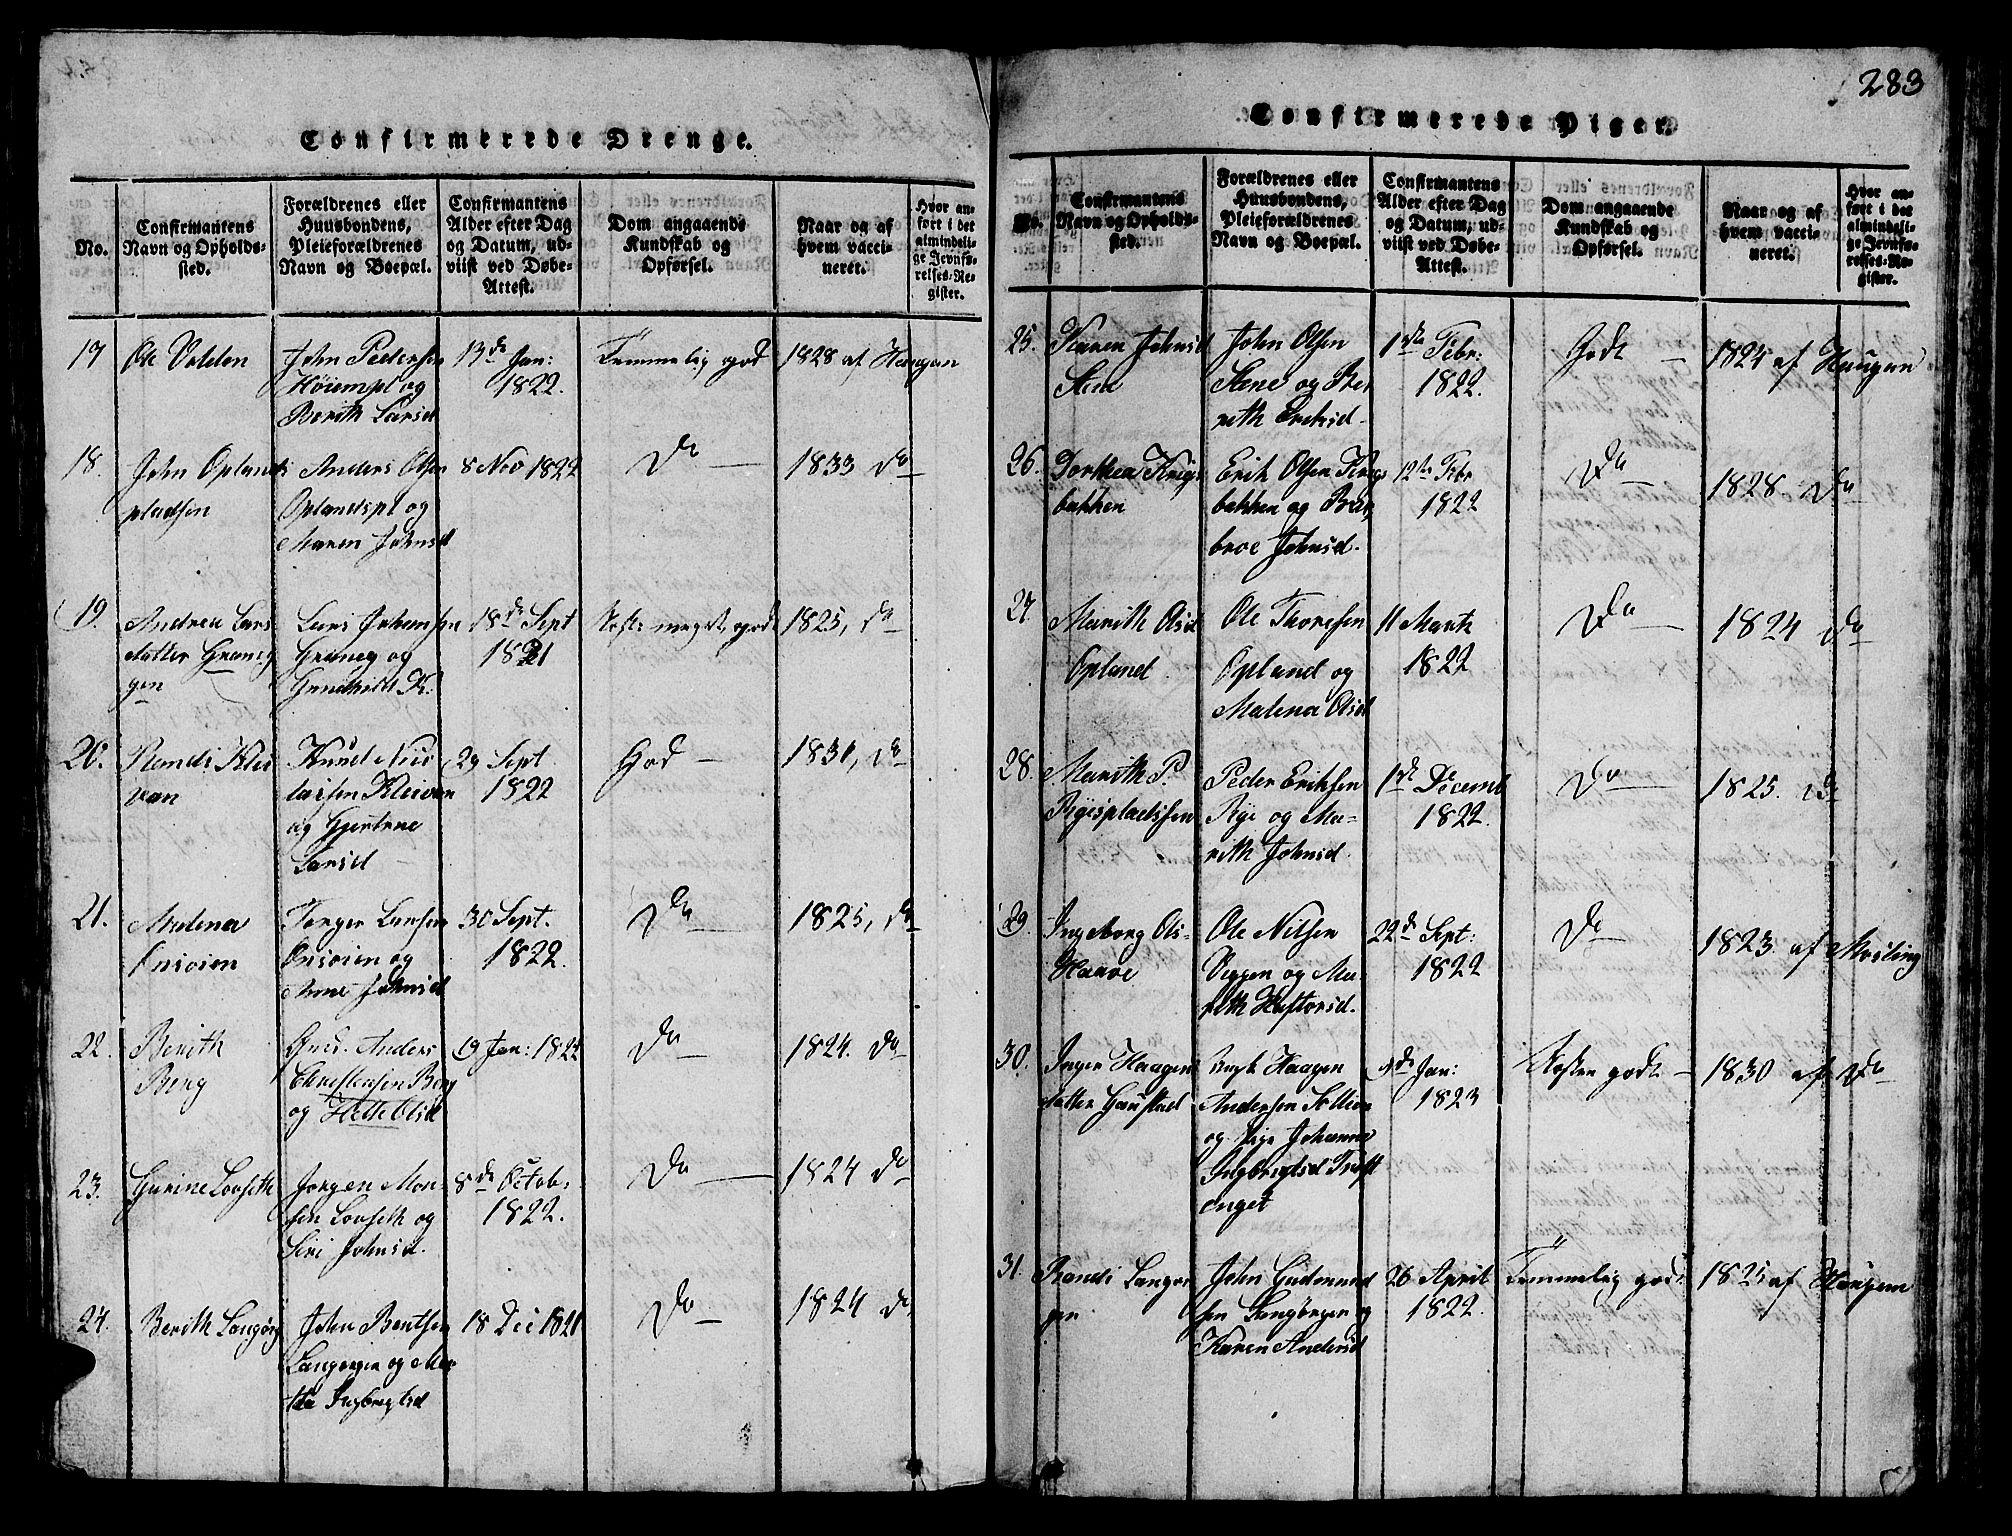 SAT, Ministerialprotokoller, klokkerbøker og fødselsregistre - Sør-Trøndelag, 612/L0385: Klokkerbok nr. 612C01, 1816-1845, s. 283